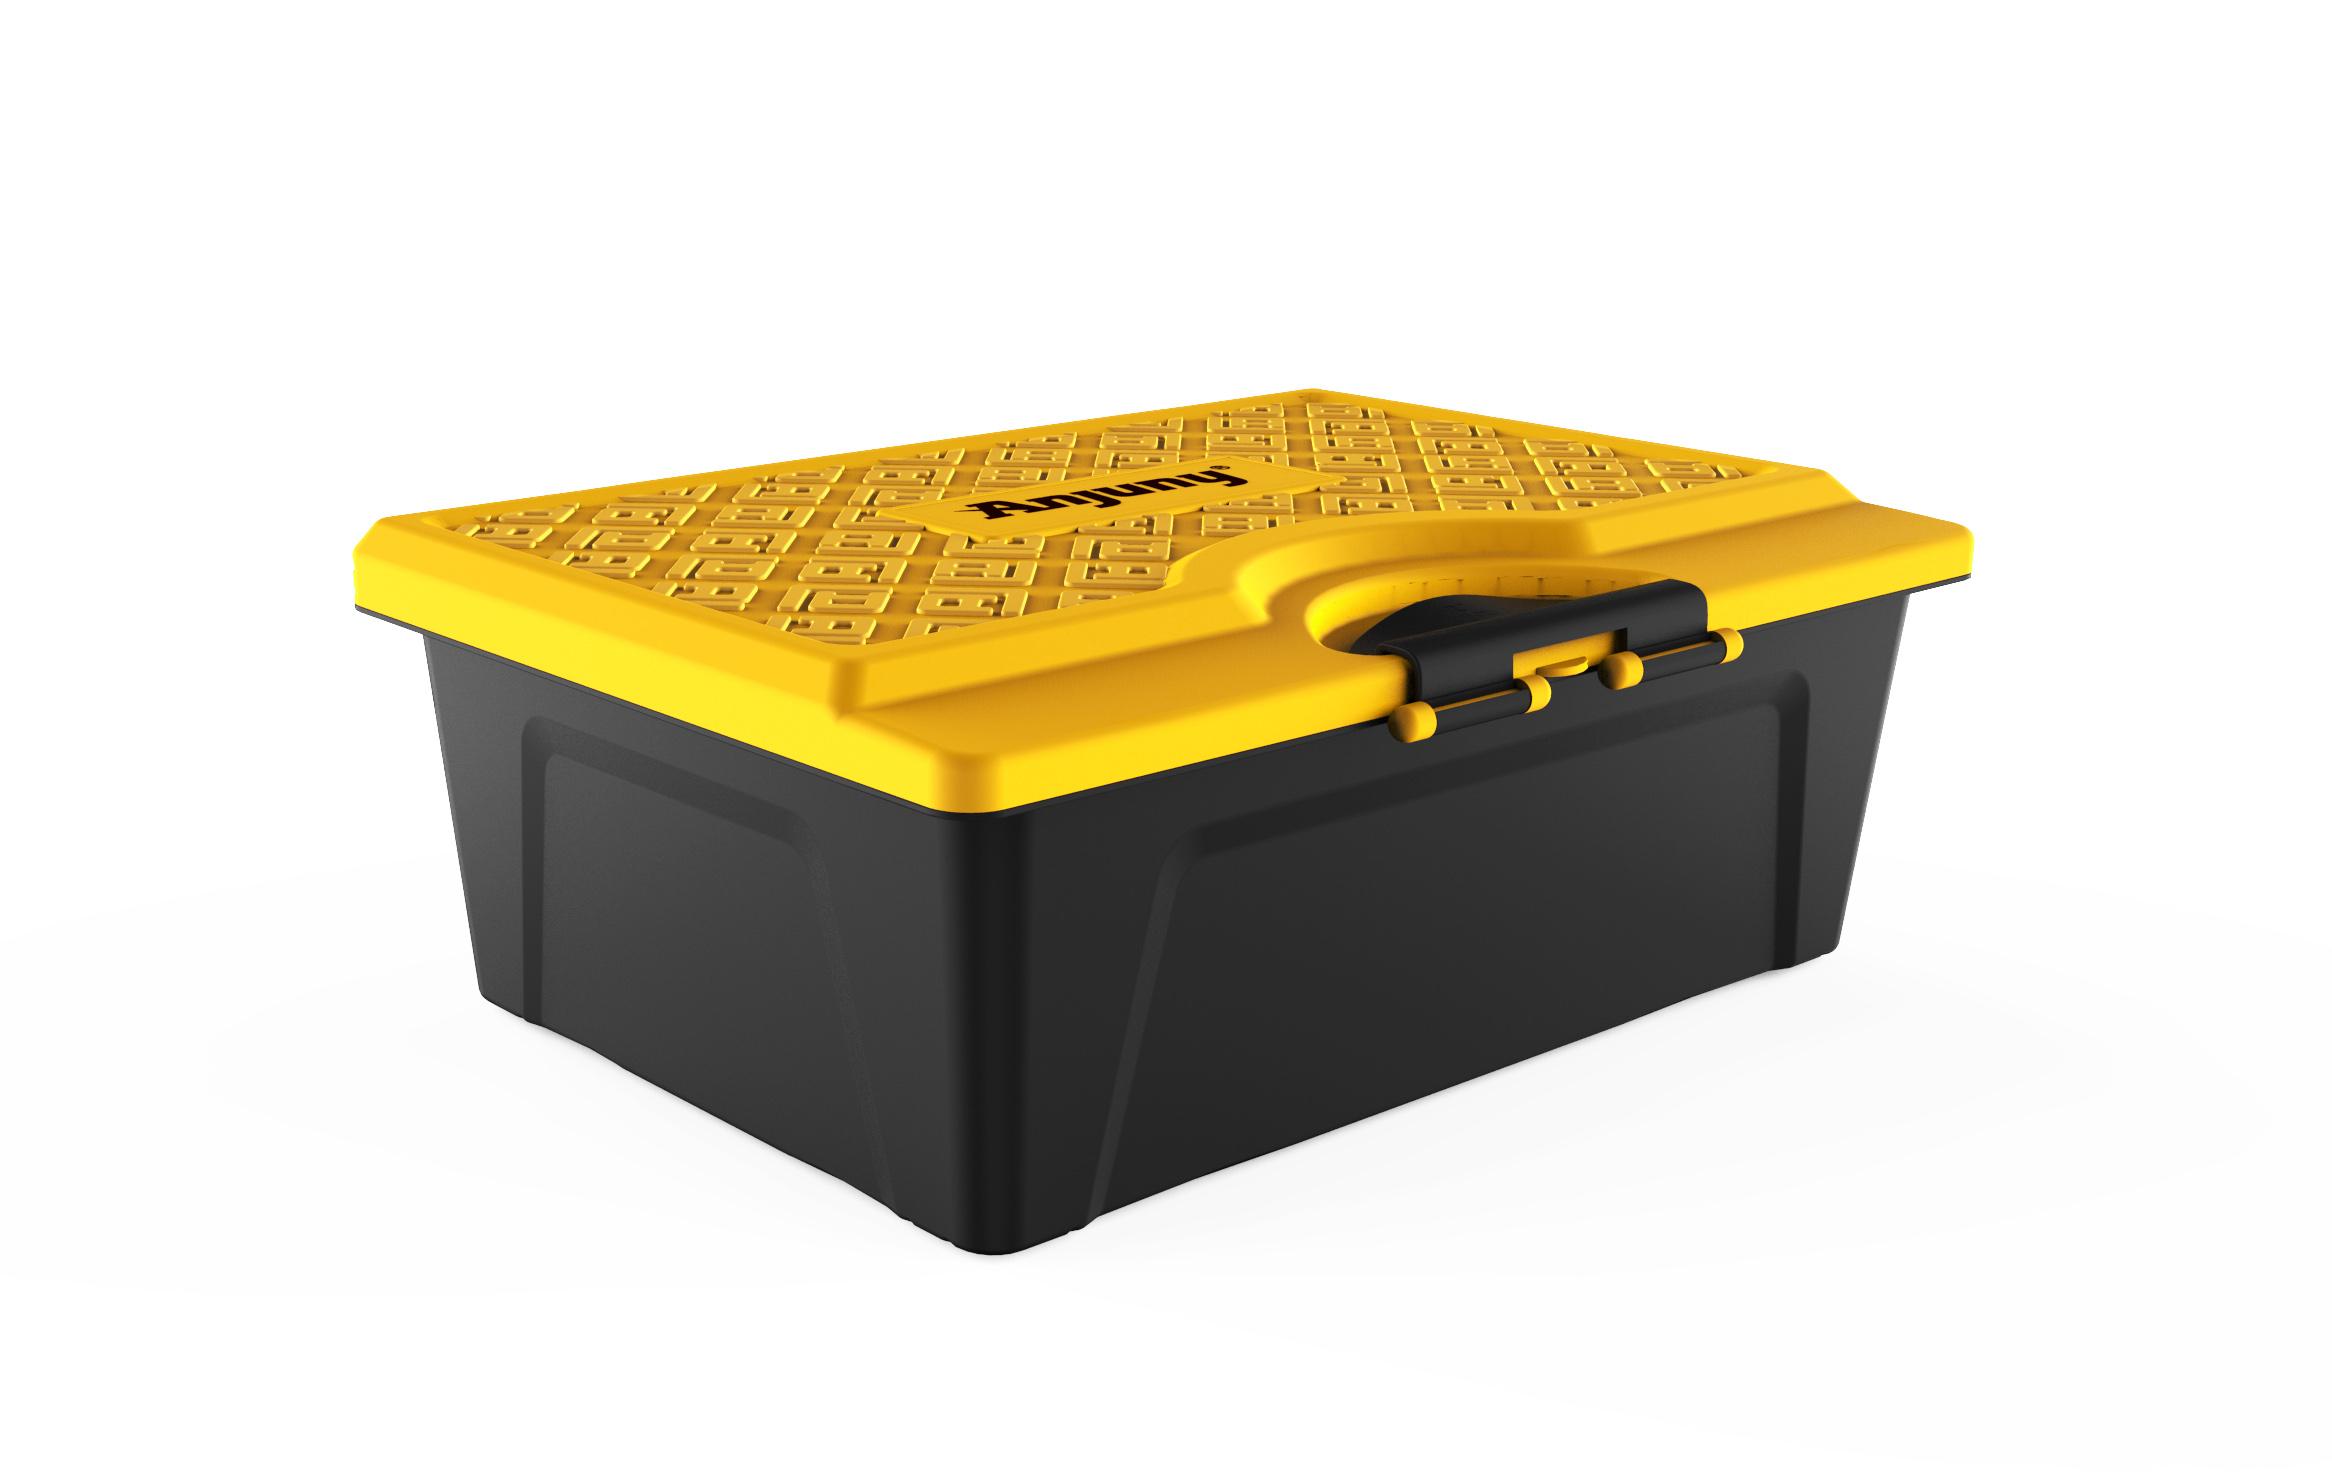 汽车储物箱_产品设计-来设计